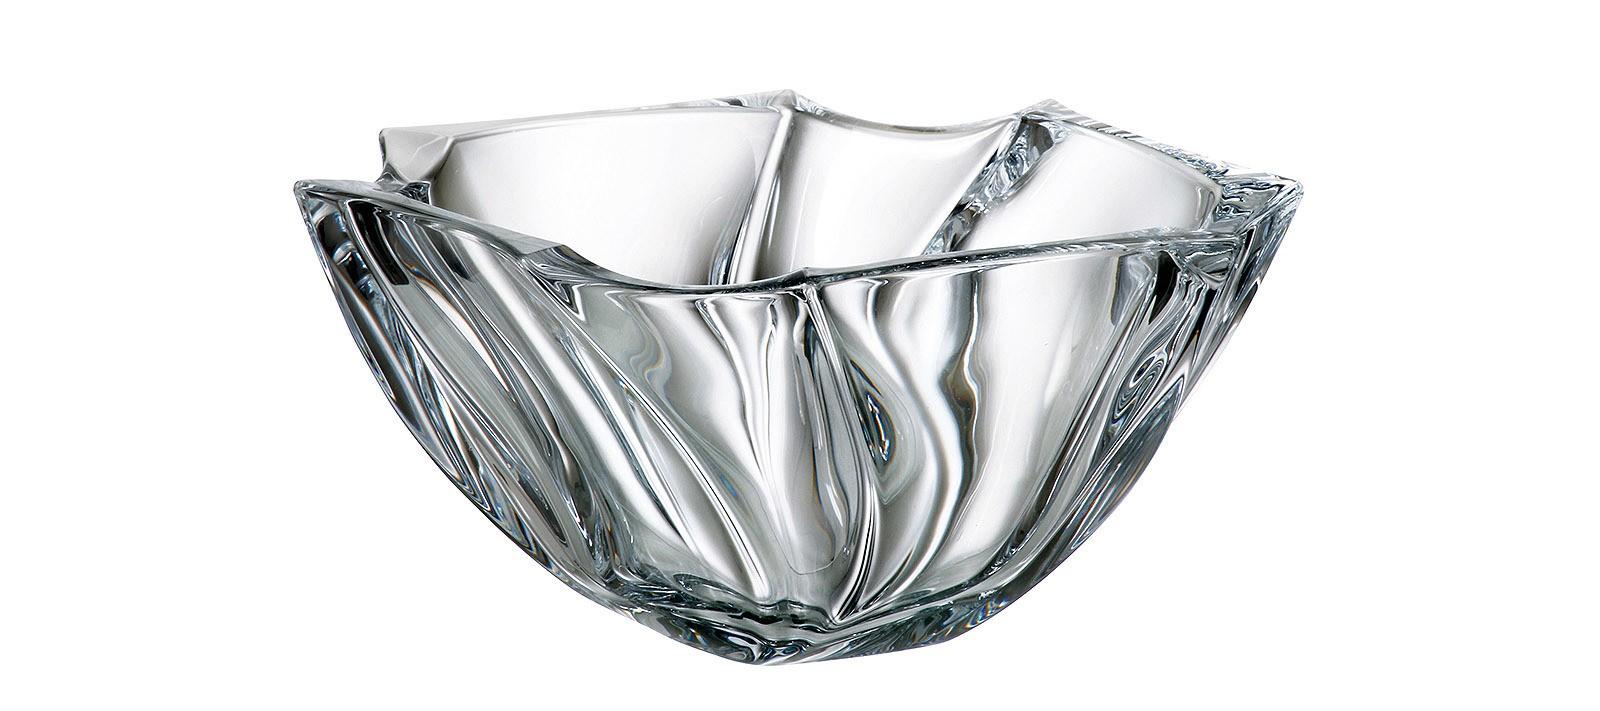 Κουπ Neptune Bohemia Κρυστάλλινο 25.5cm home   κρυσταλλα  διακοσμηση   κρύσταλλα